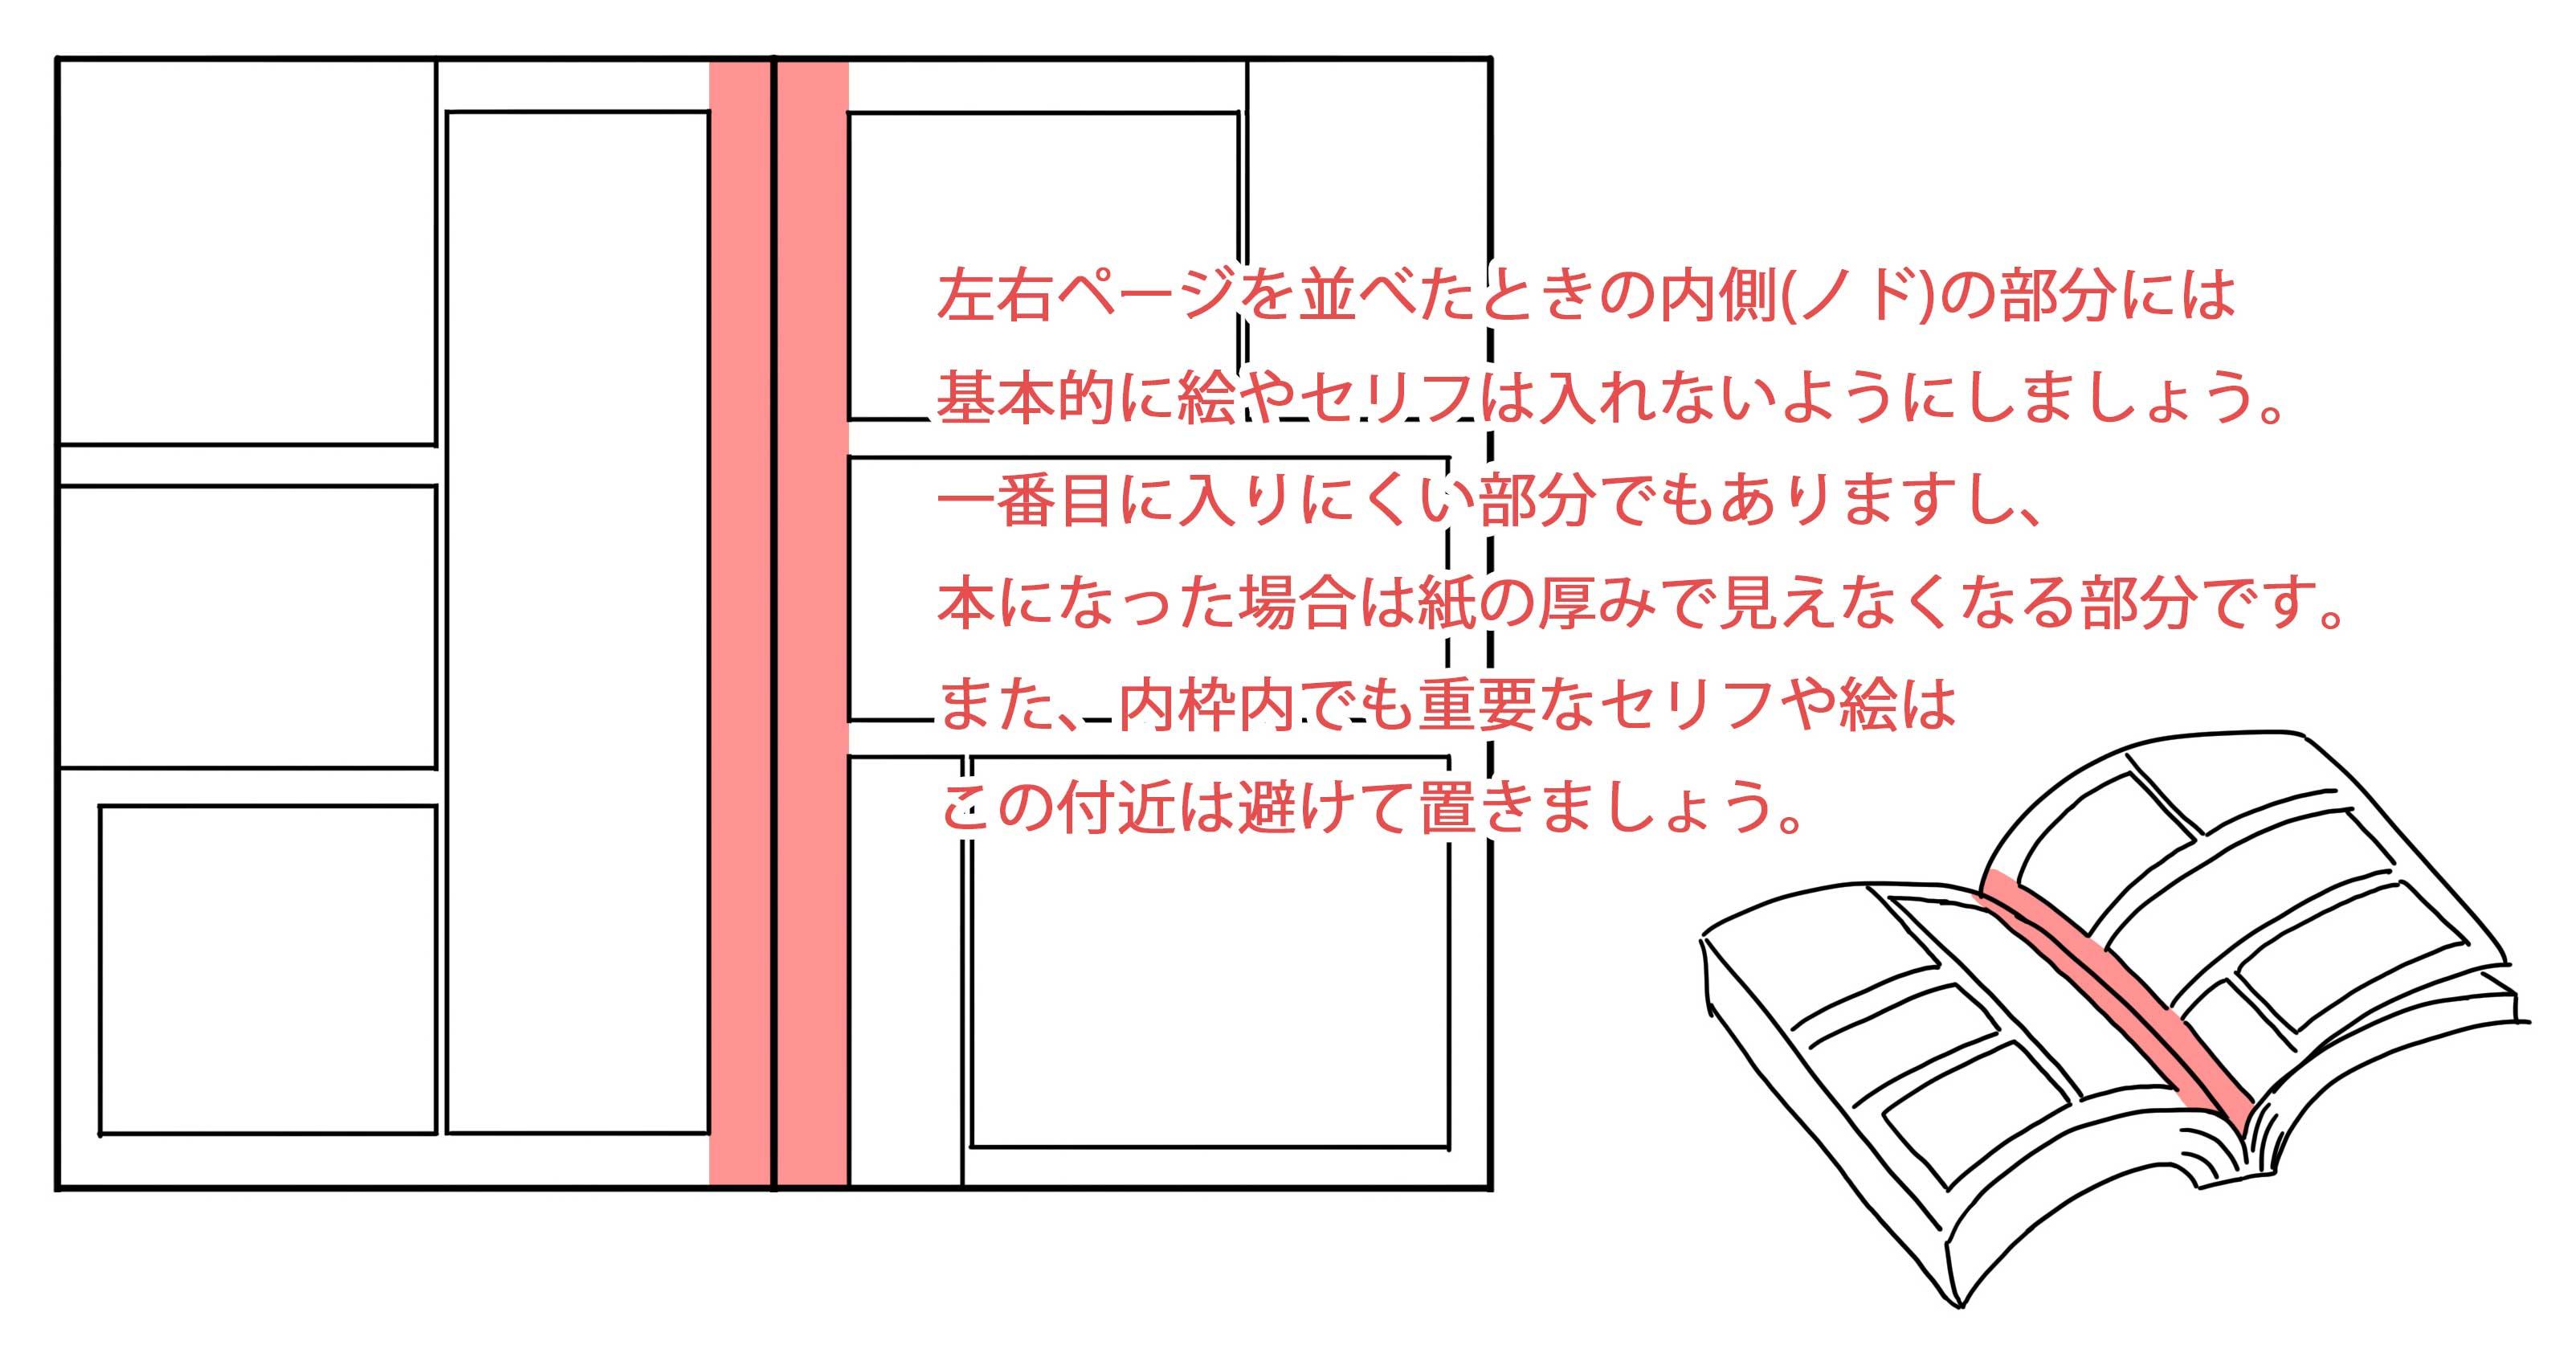 マンガ原稿用紙のノドの部分